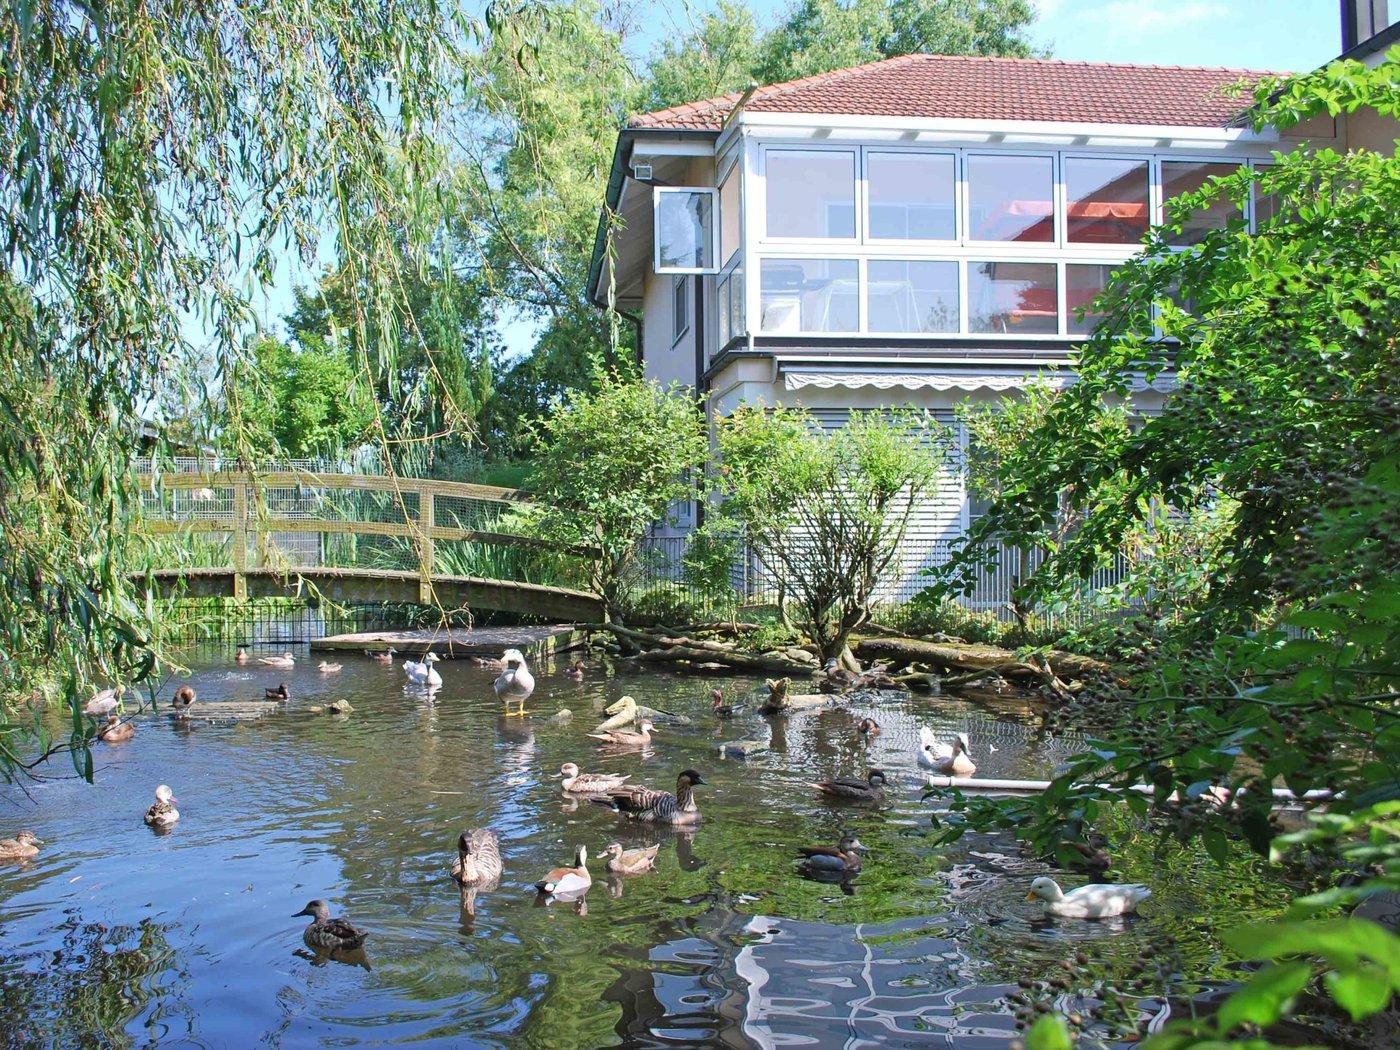 ruhig gelegene villa mit gartenteichanlage, buch sh | villa kaufen, Hause und Garten